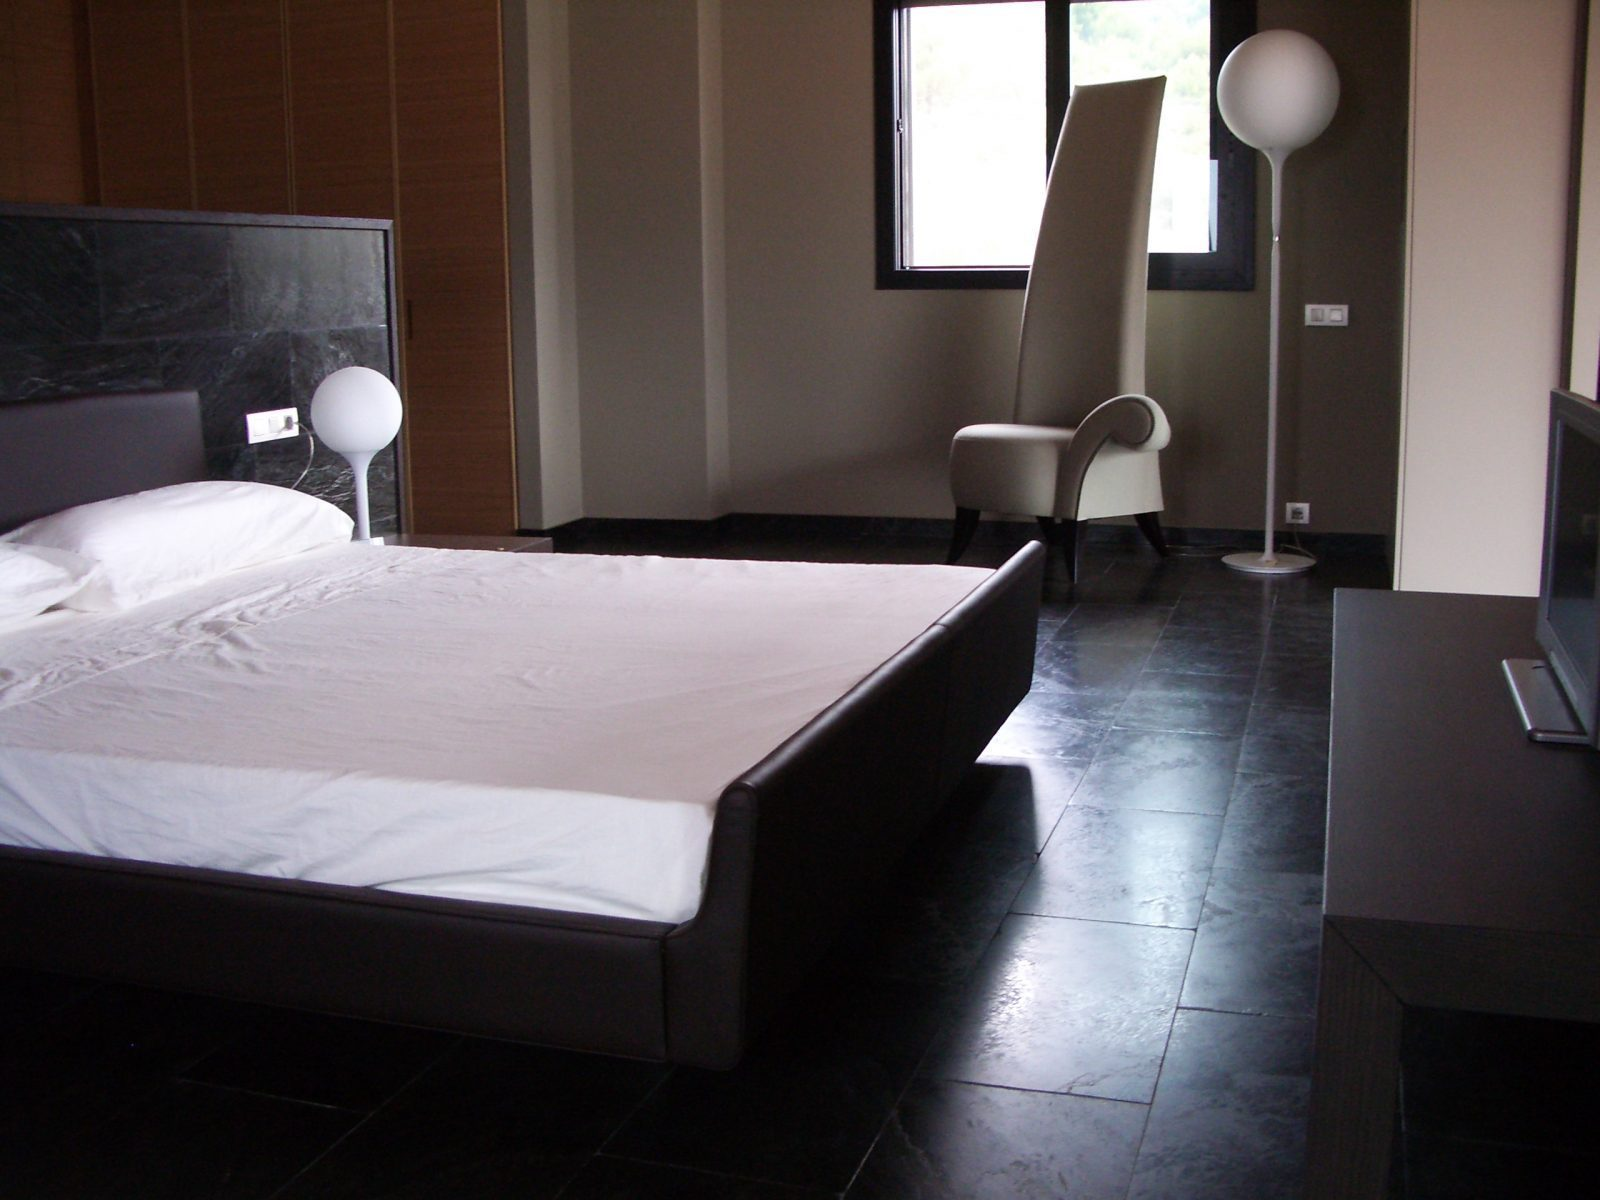 pulire pavimenti di marmo | proteggere pavimenti di marmo